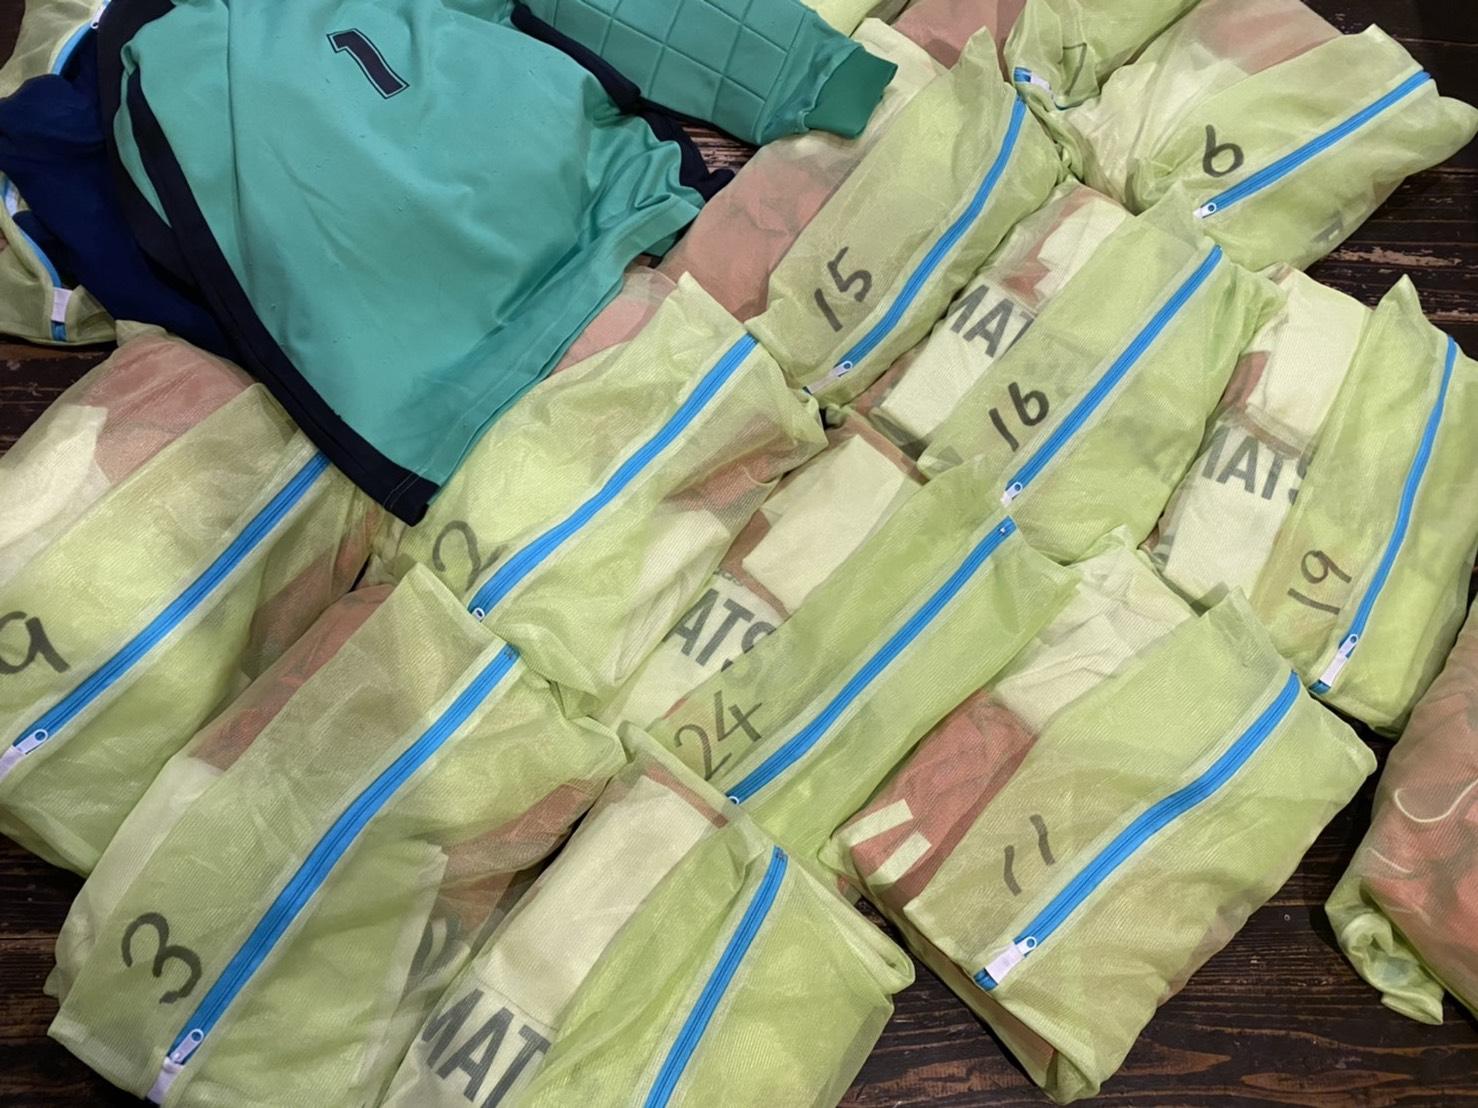 仁科松風SSさんから寄付された美しく畳まれたユニフォーム!寄付とともに文化を届けるということ